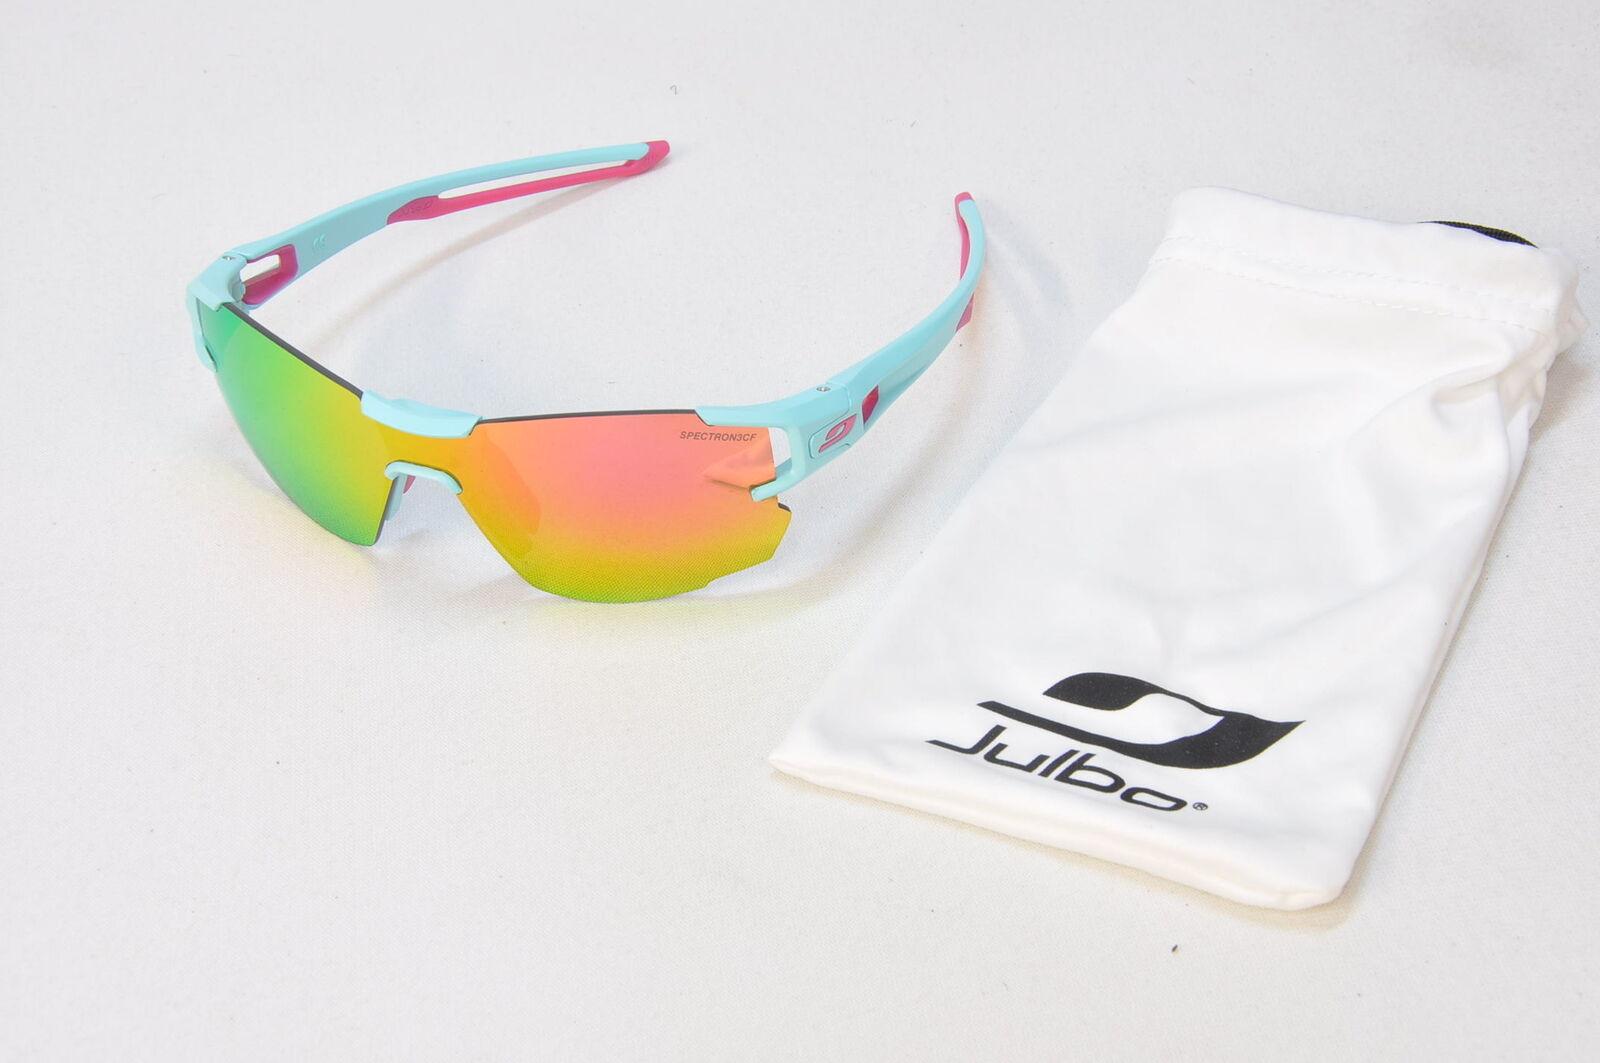 Julbo Damen Aerolite Sonnenbrille Sportbrille 18-KU8080 005 005 005 016947